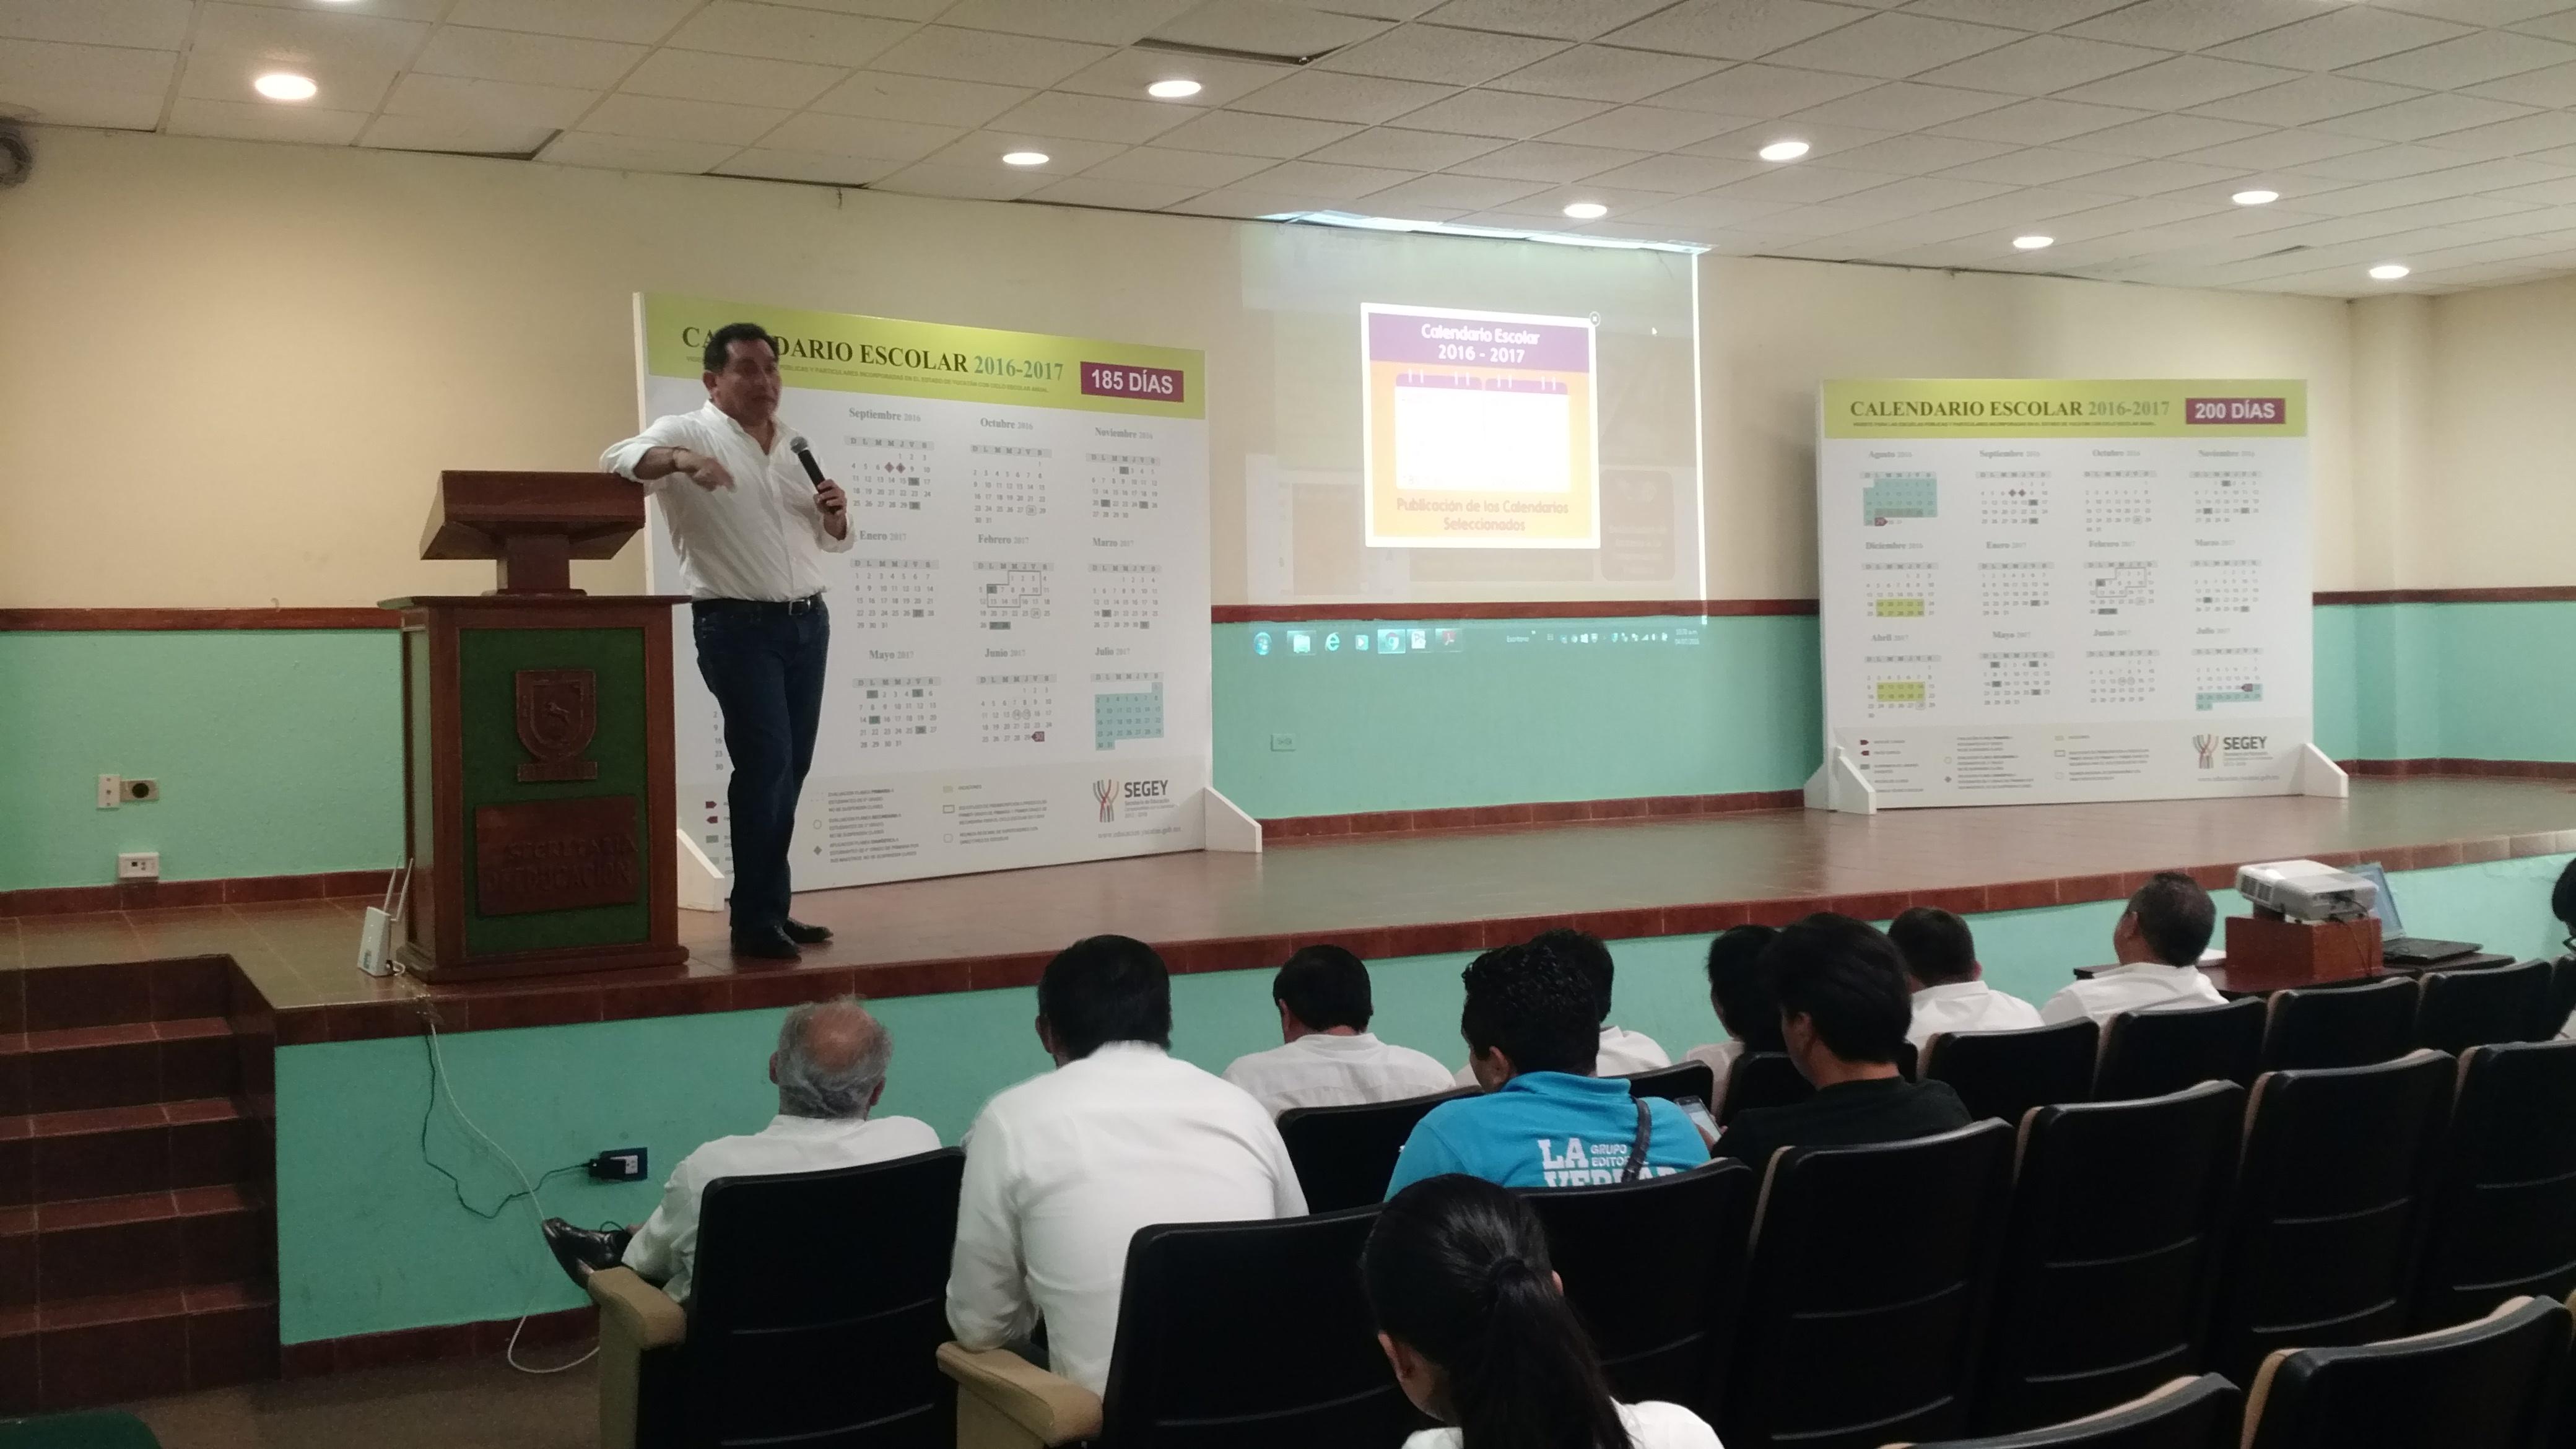 Mayoría de escuelas yucatecas opta por 185 días de clases